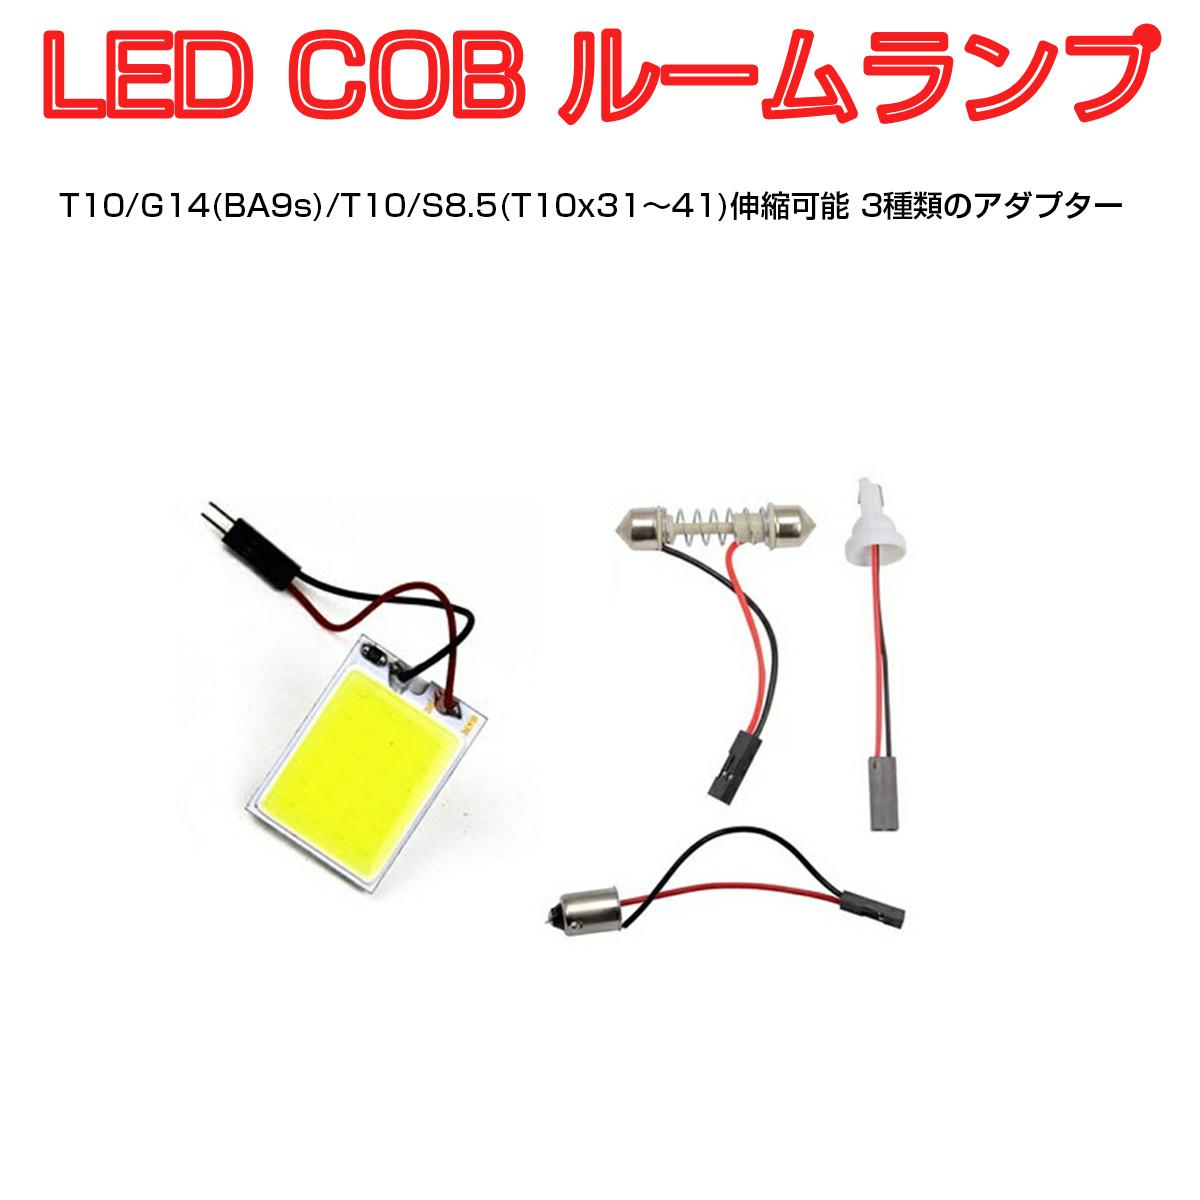 LED 汎用 ルームランプ COB ホワイト発光 12V対応 1個売り T10 G14(BA9s) T10両口 3種類のアダプター 板式 パネル 全車種対応 SDM便送料無料 1ヶ月保証